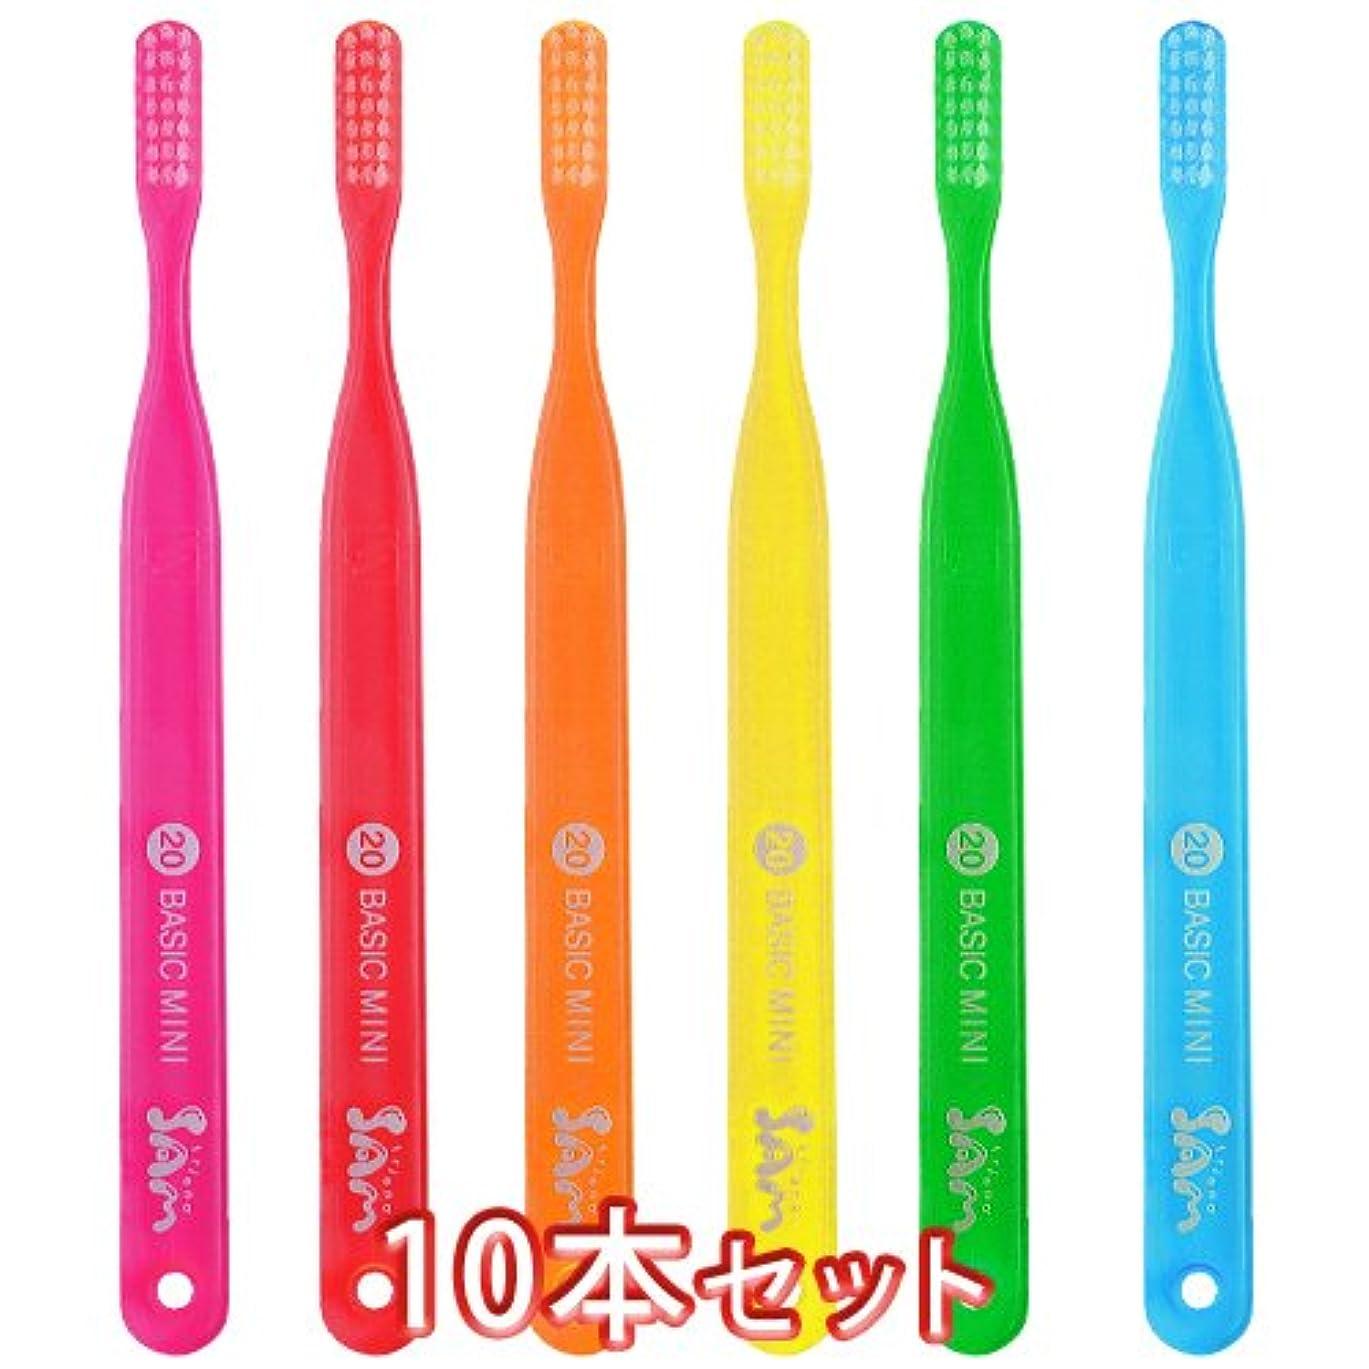 崖強制的純粋にサムフレンド ベーシック 歯ブラシ 10本 (#20)